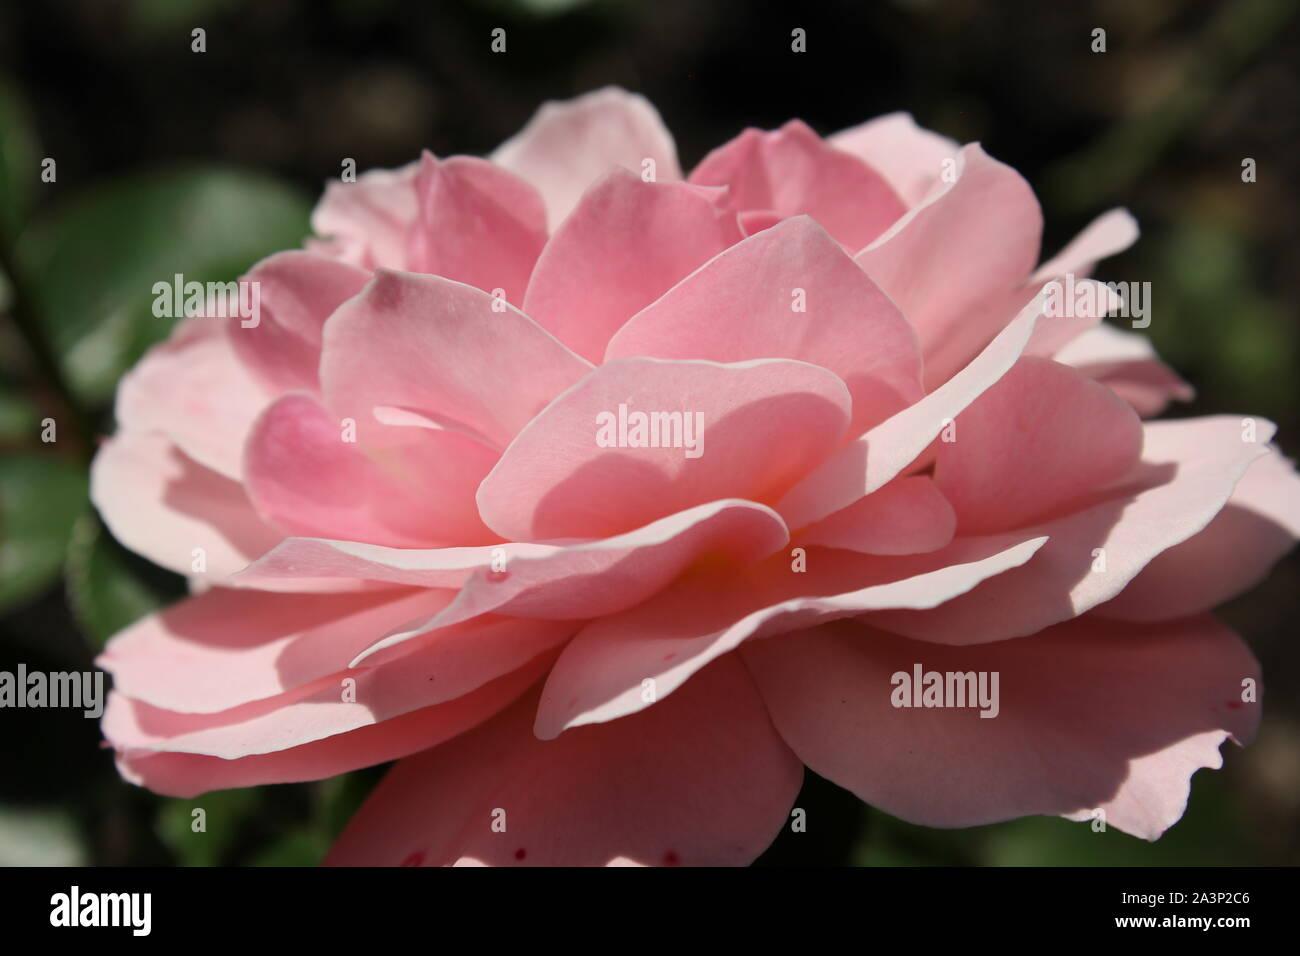 L'été idéal rose rose blossom fleurir dans le jardin. Banque D'Images